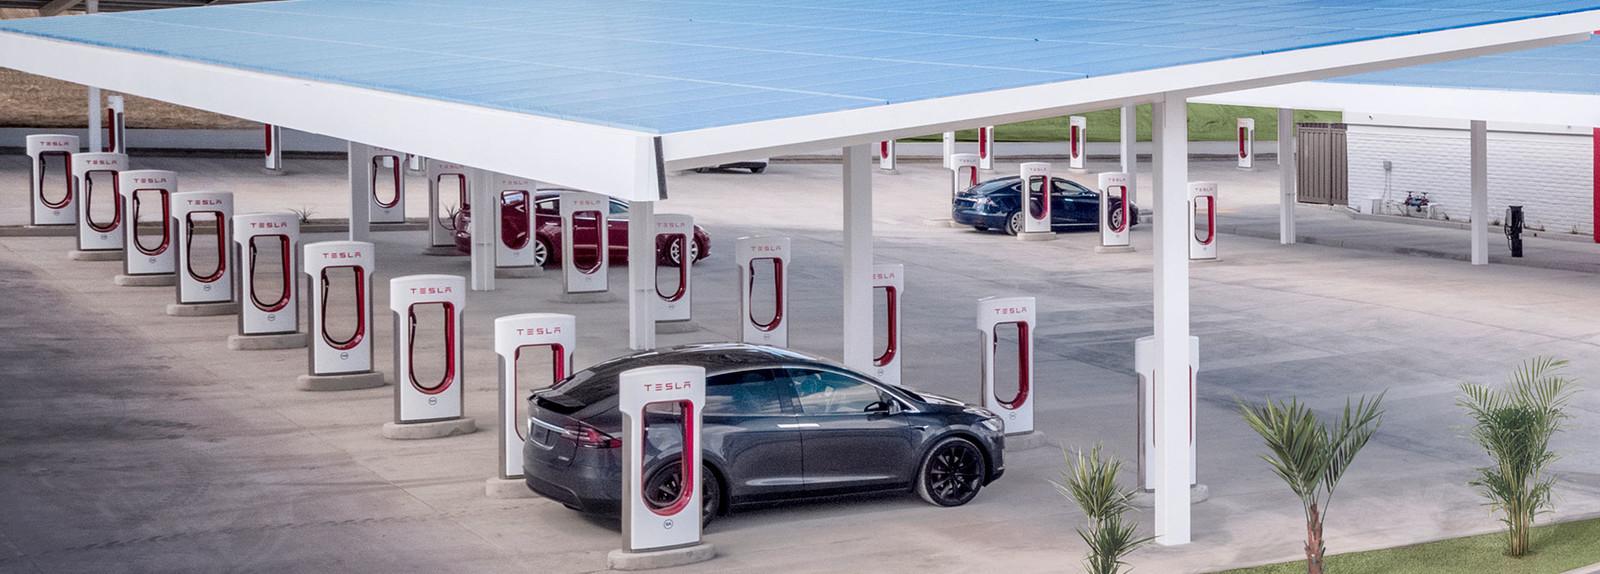 Новый Supercharger V3 от Tesla с зарядкой 1610 км в час